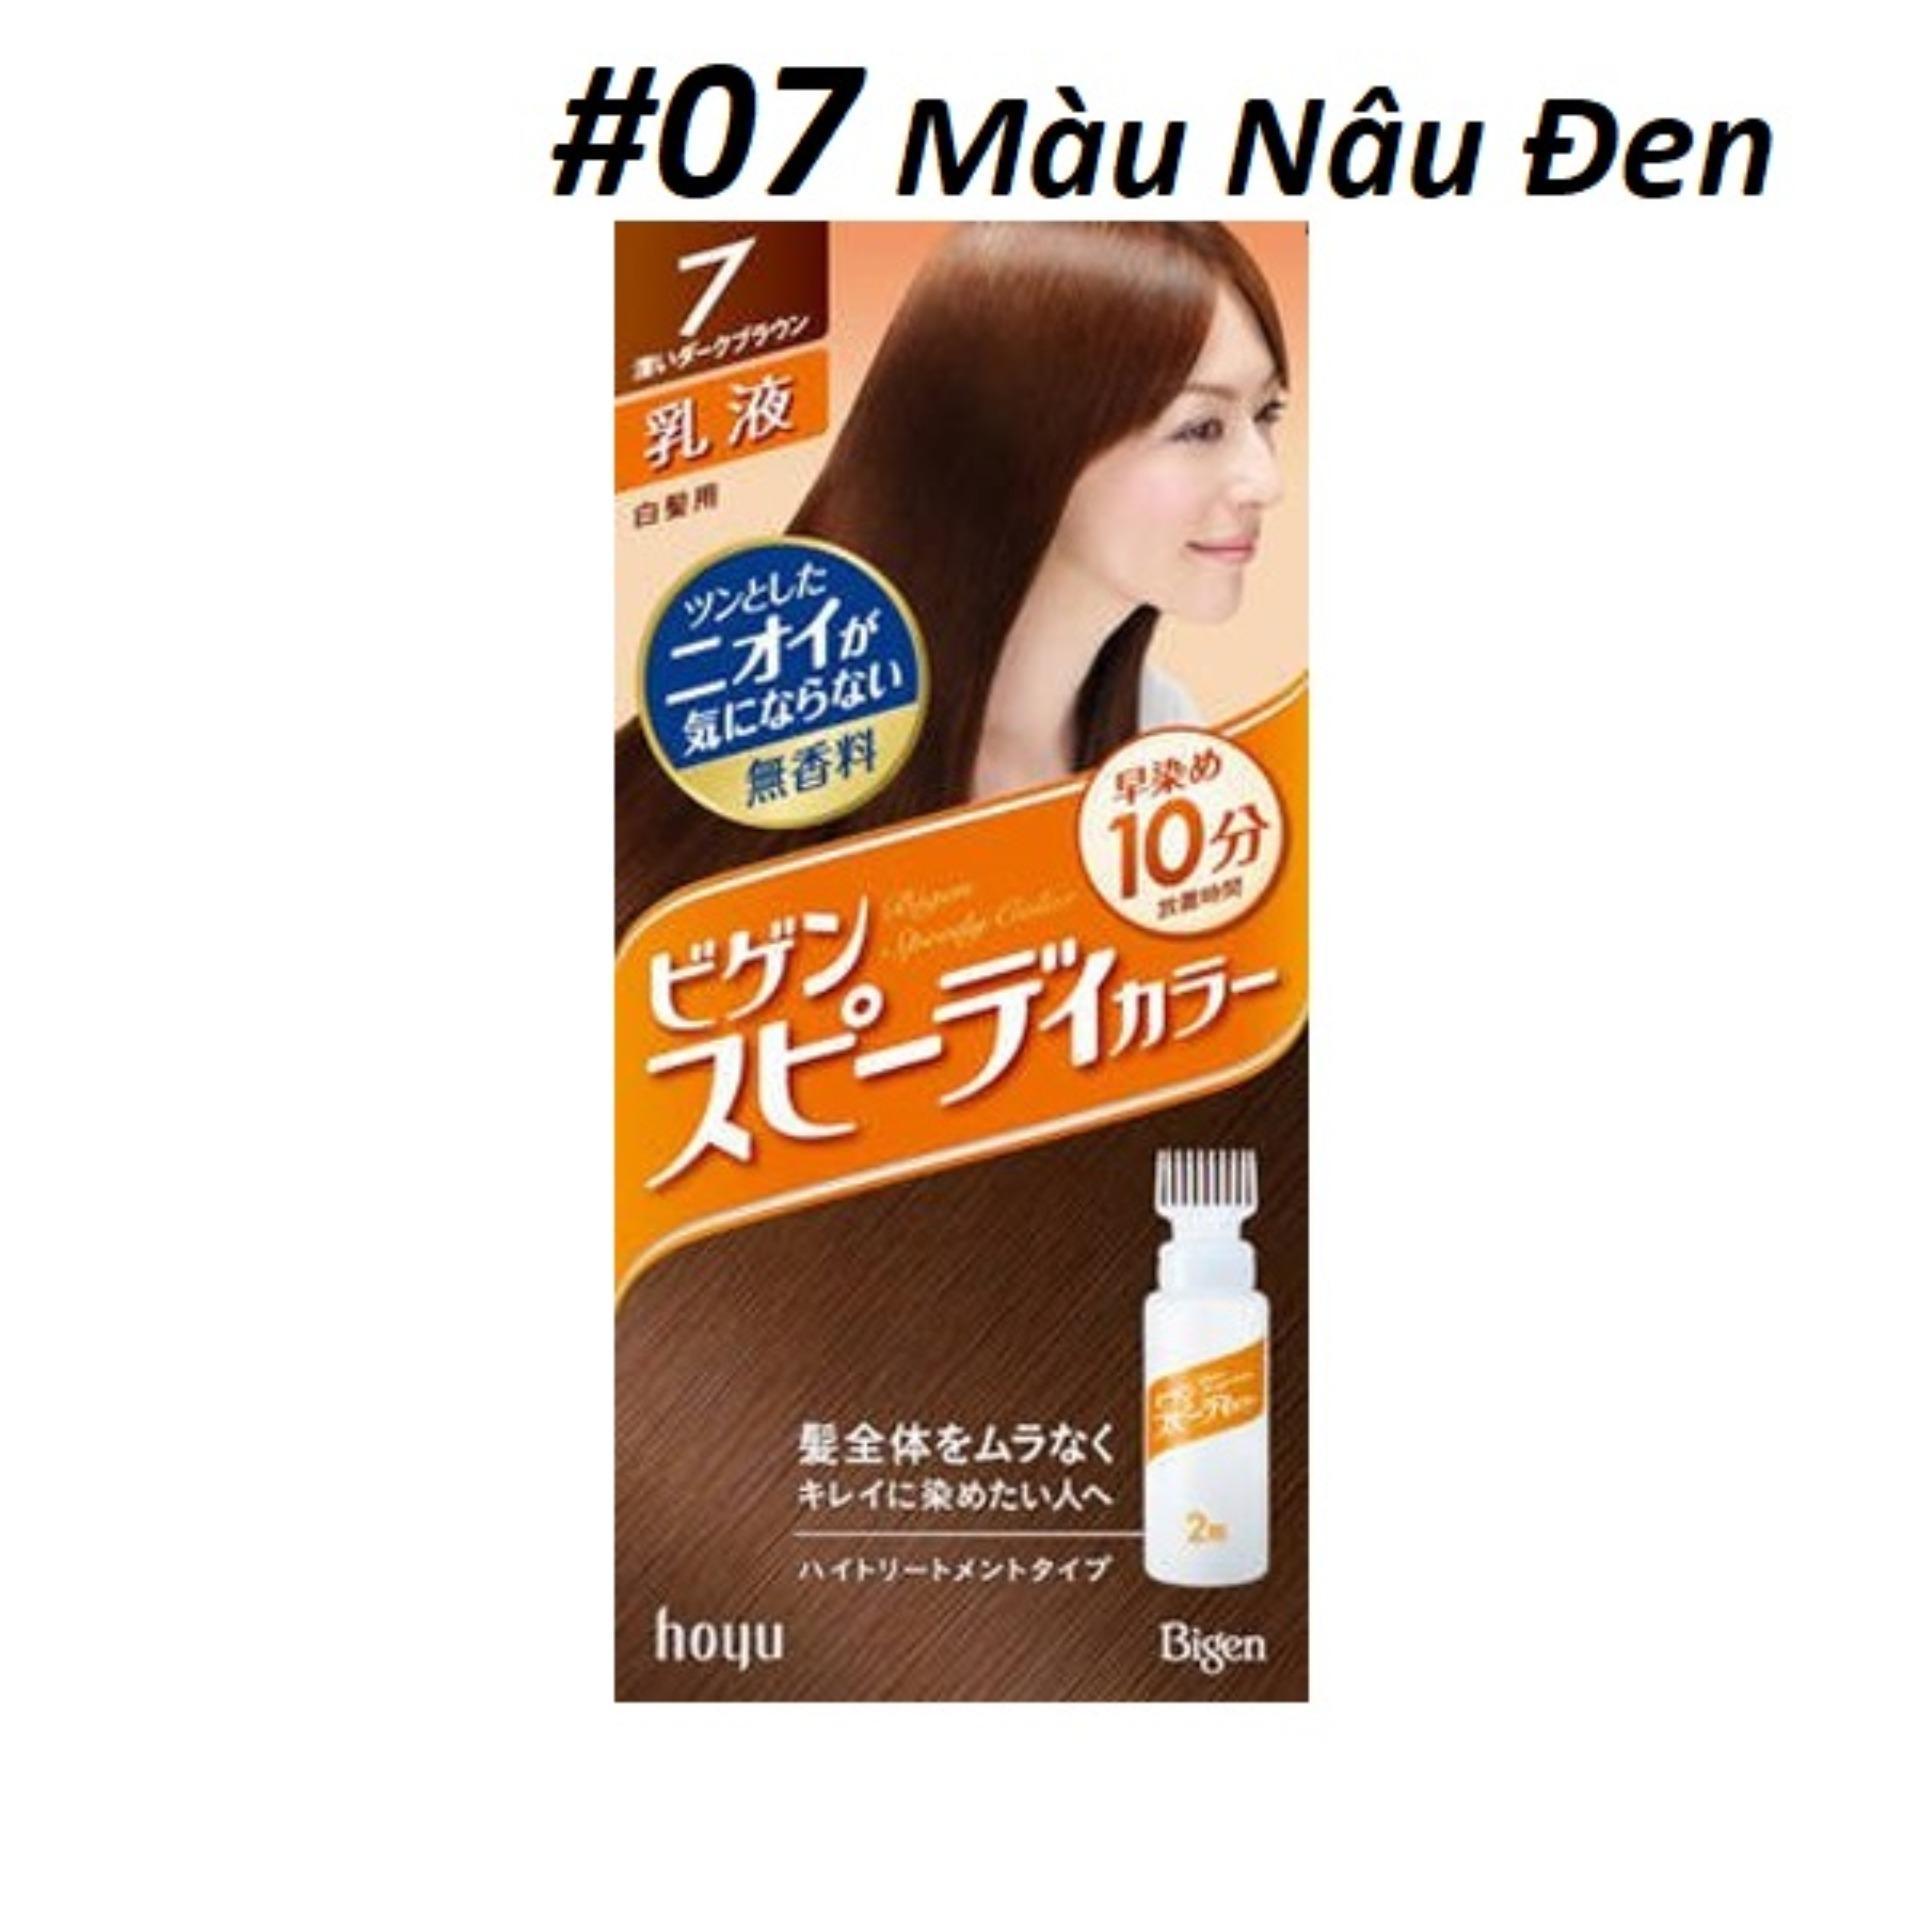 Thuốc Nhuộm Tóc BIGEN Nhật Bản #07 Màu Nâu Đen chính hãng